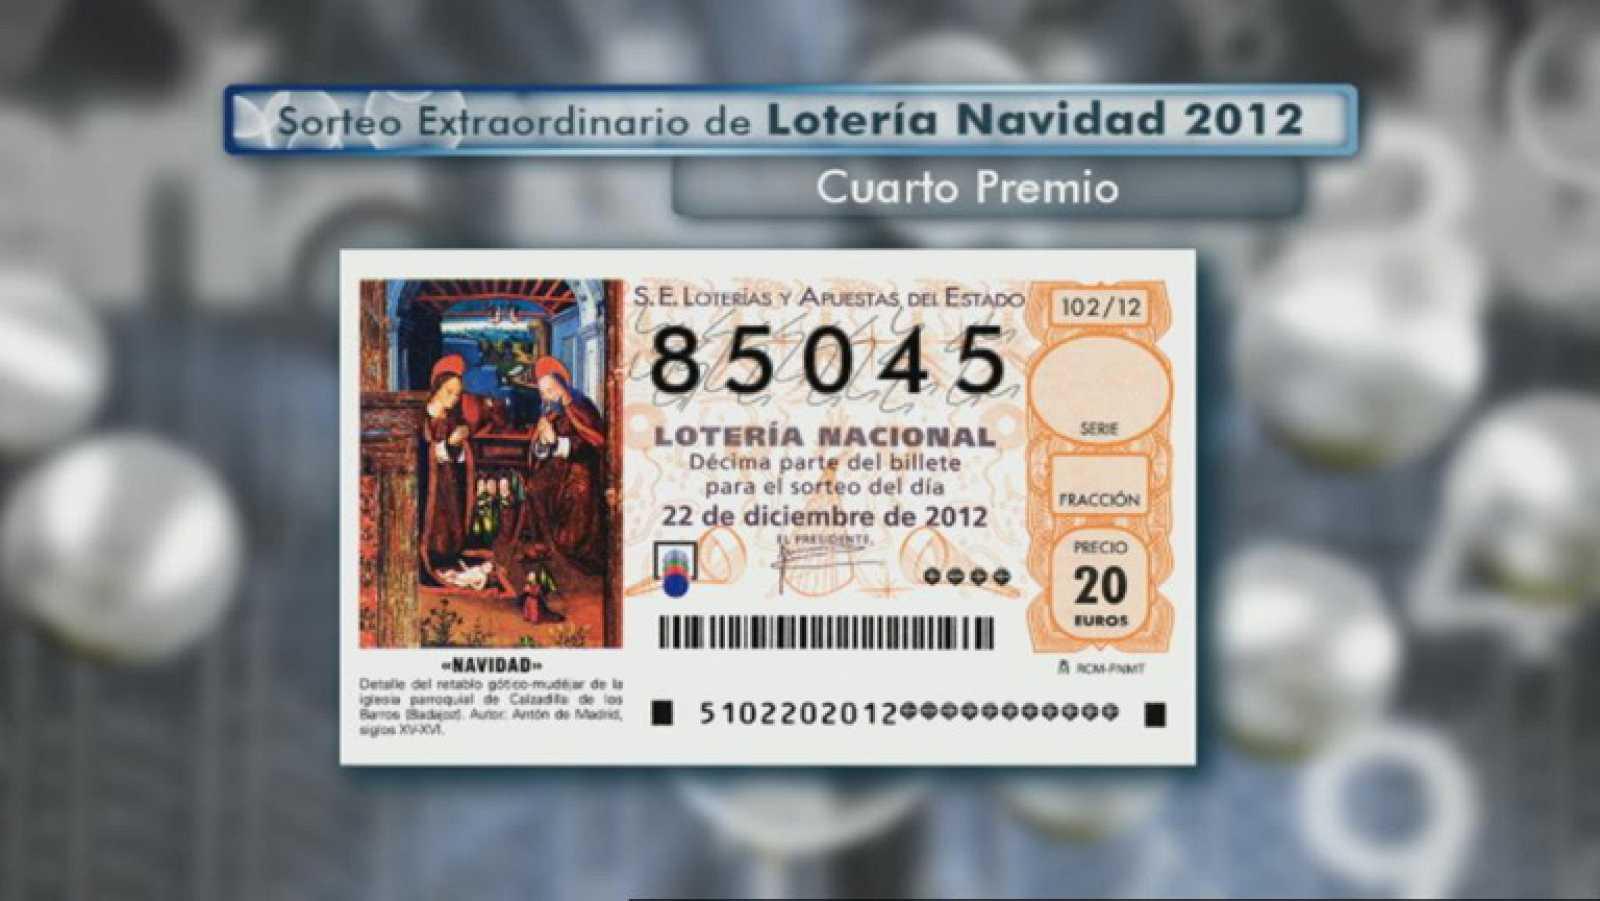 Comprobar Decimo Loteria Navidad 2012 Un Cuarto Premio De La Loteria De Navidad Al 85 045 Dotado Con